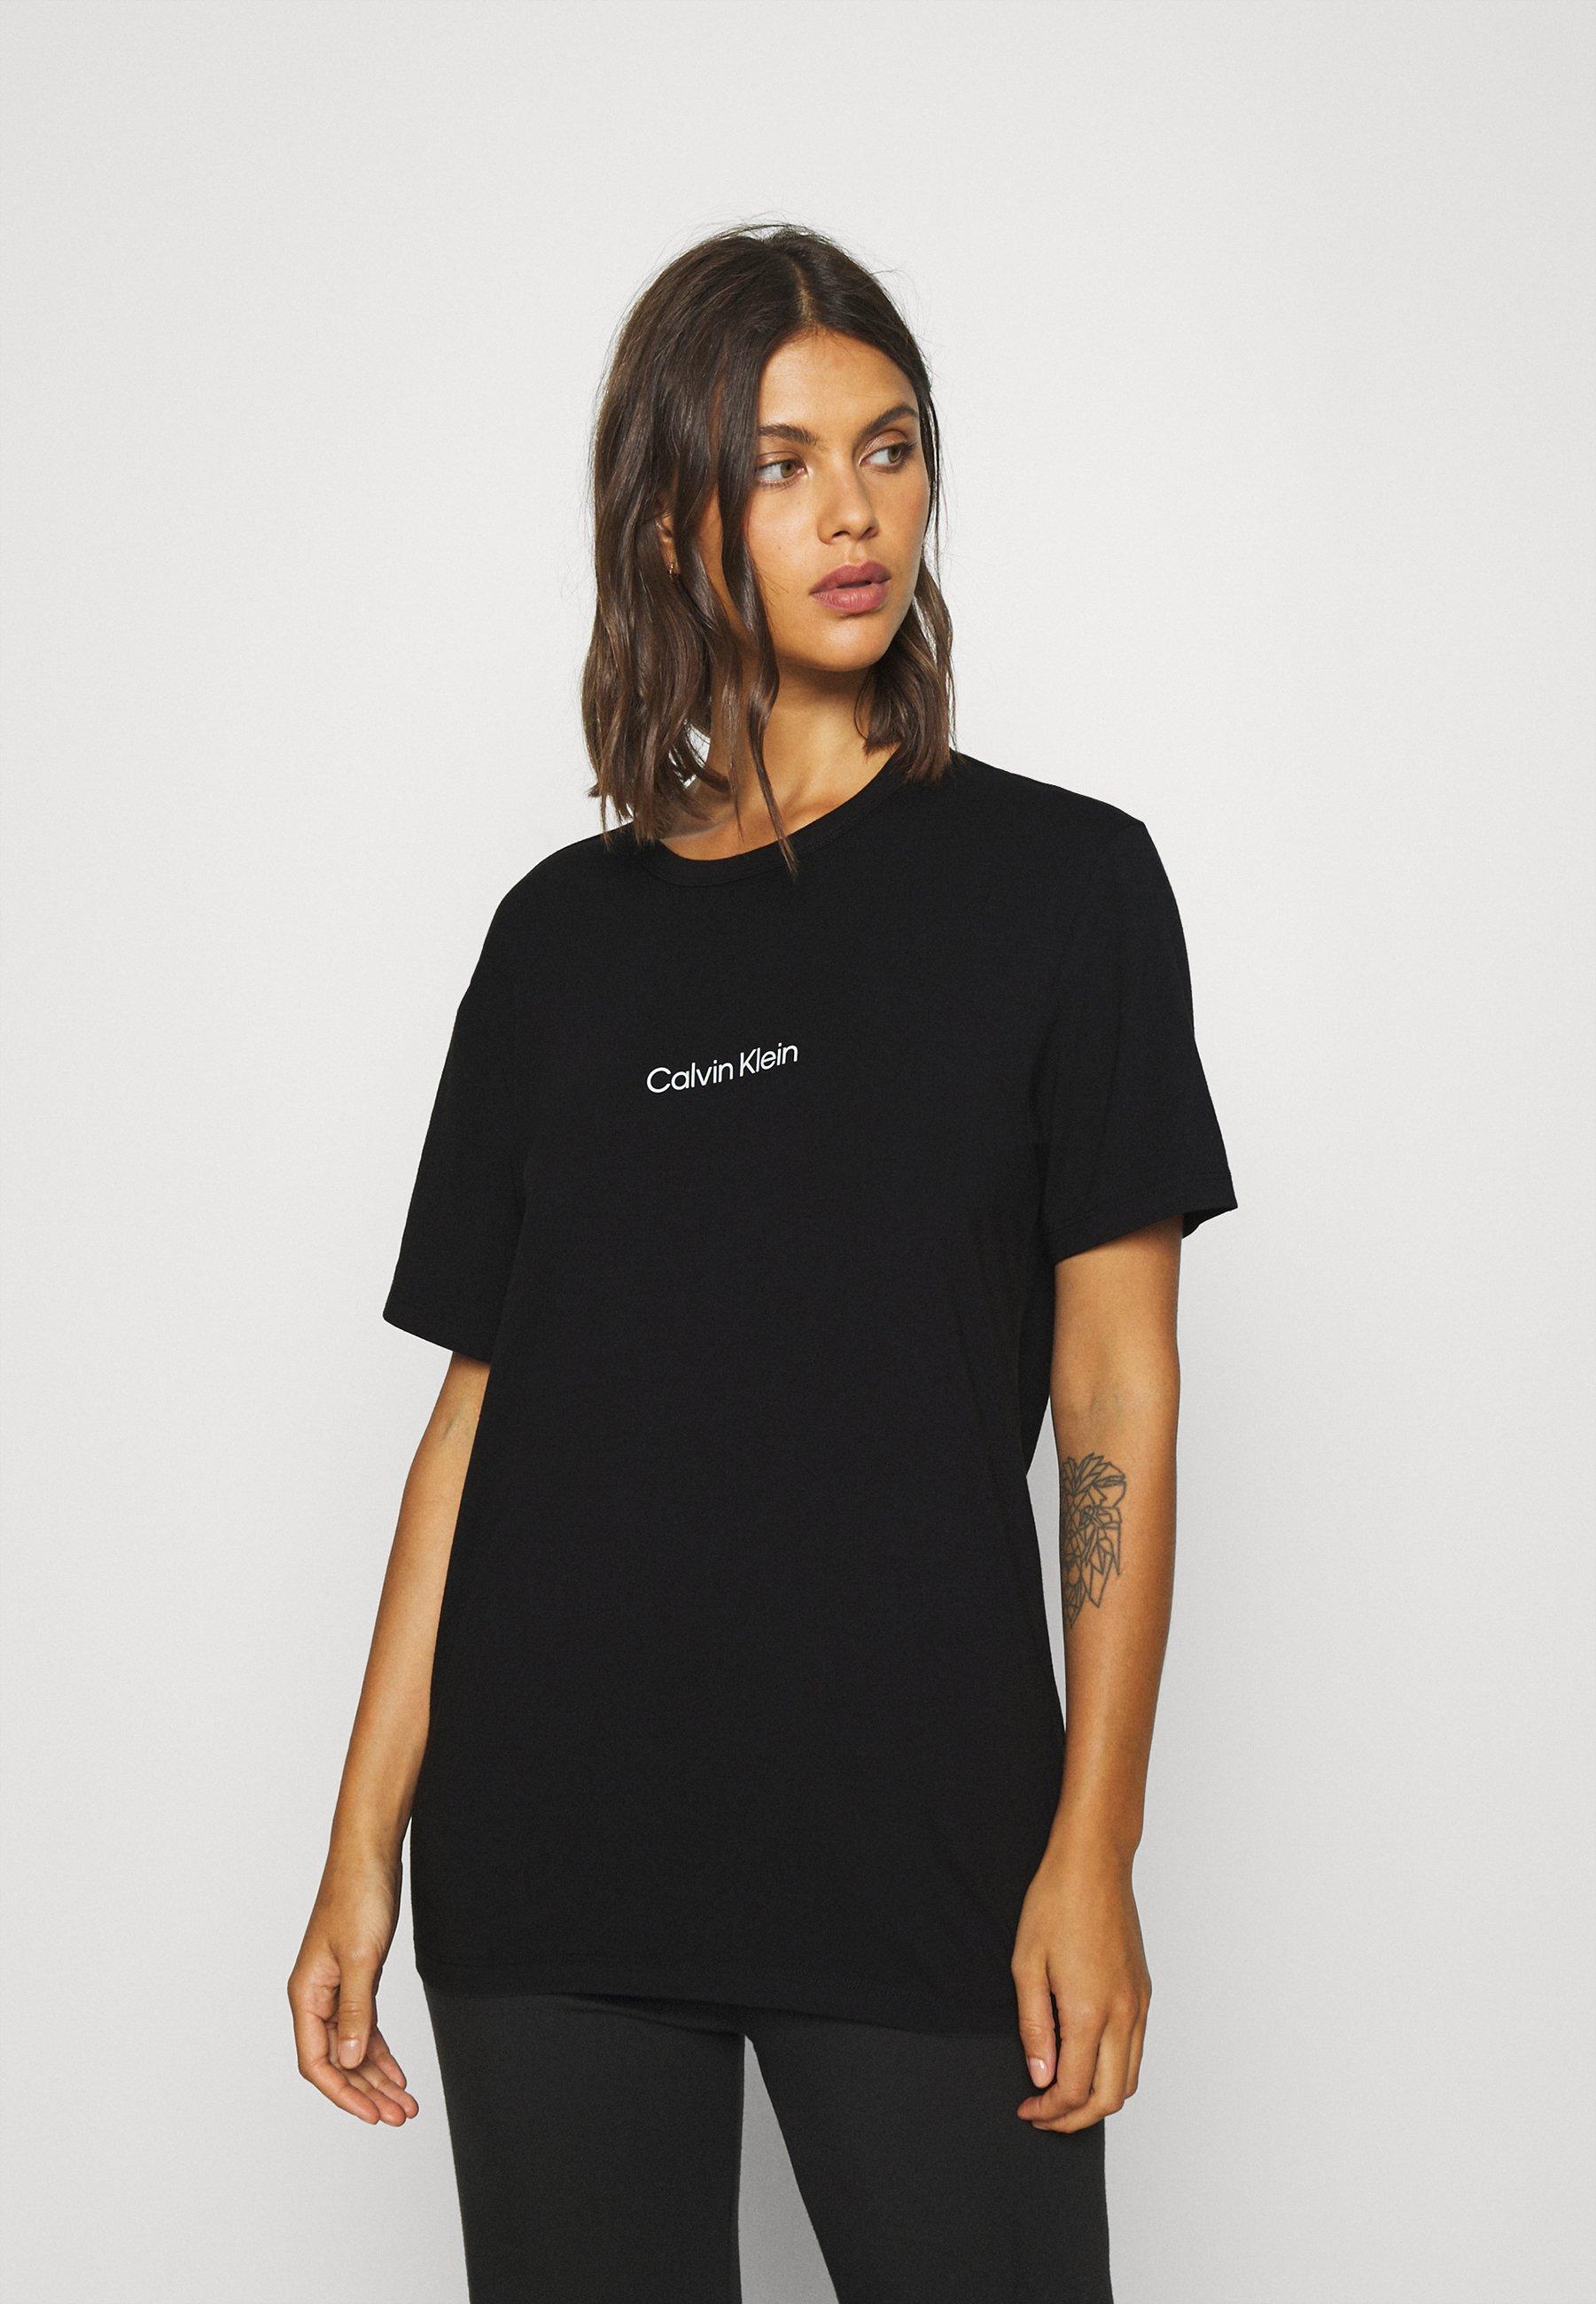 Damen MODERN STRUCTURE CREW NECK - Nachtwäsche Shirt